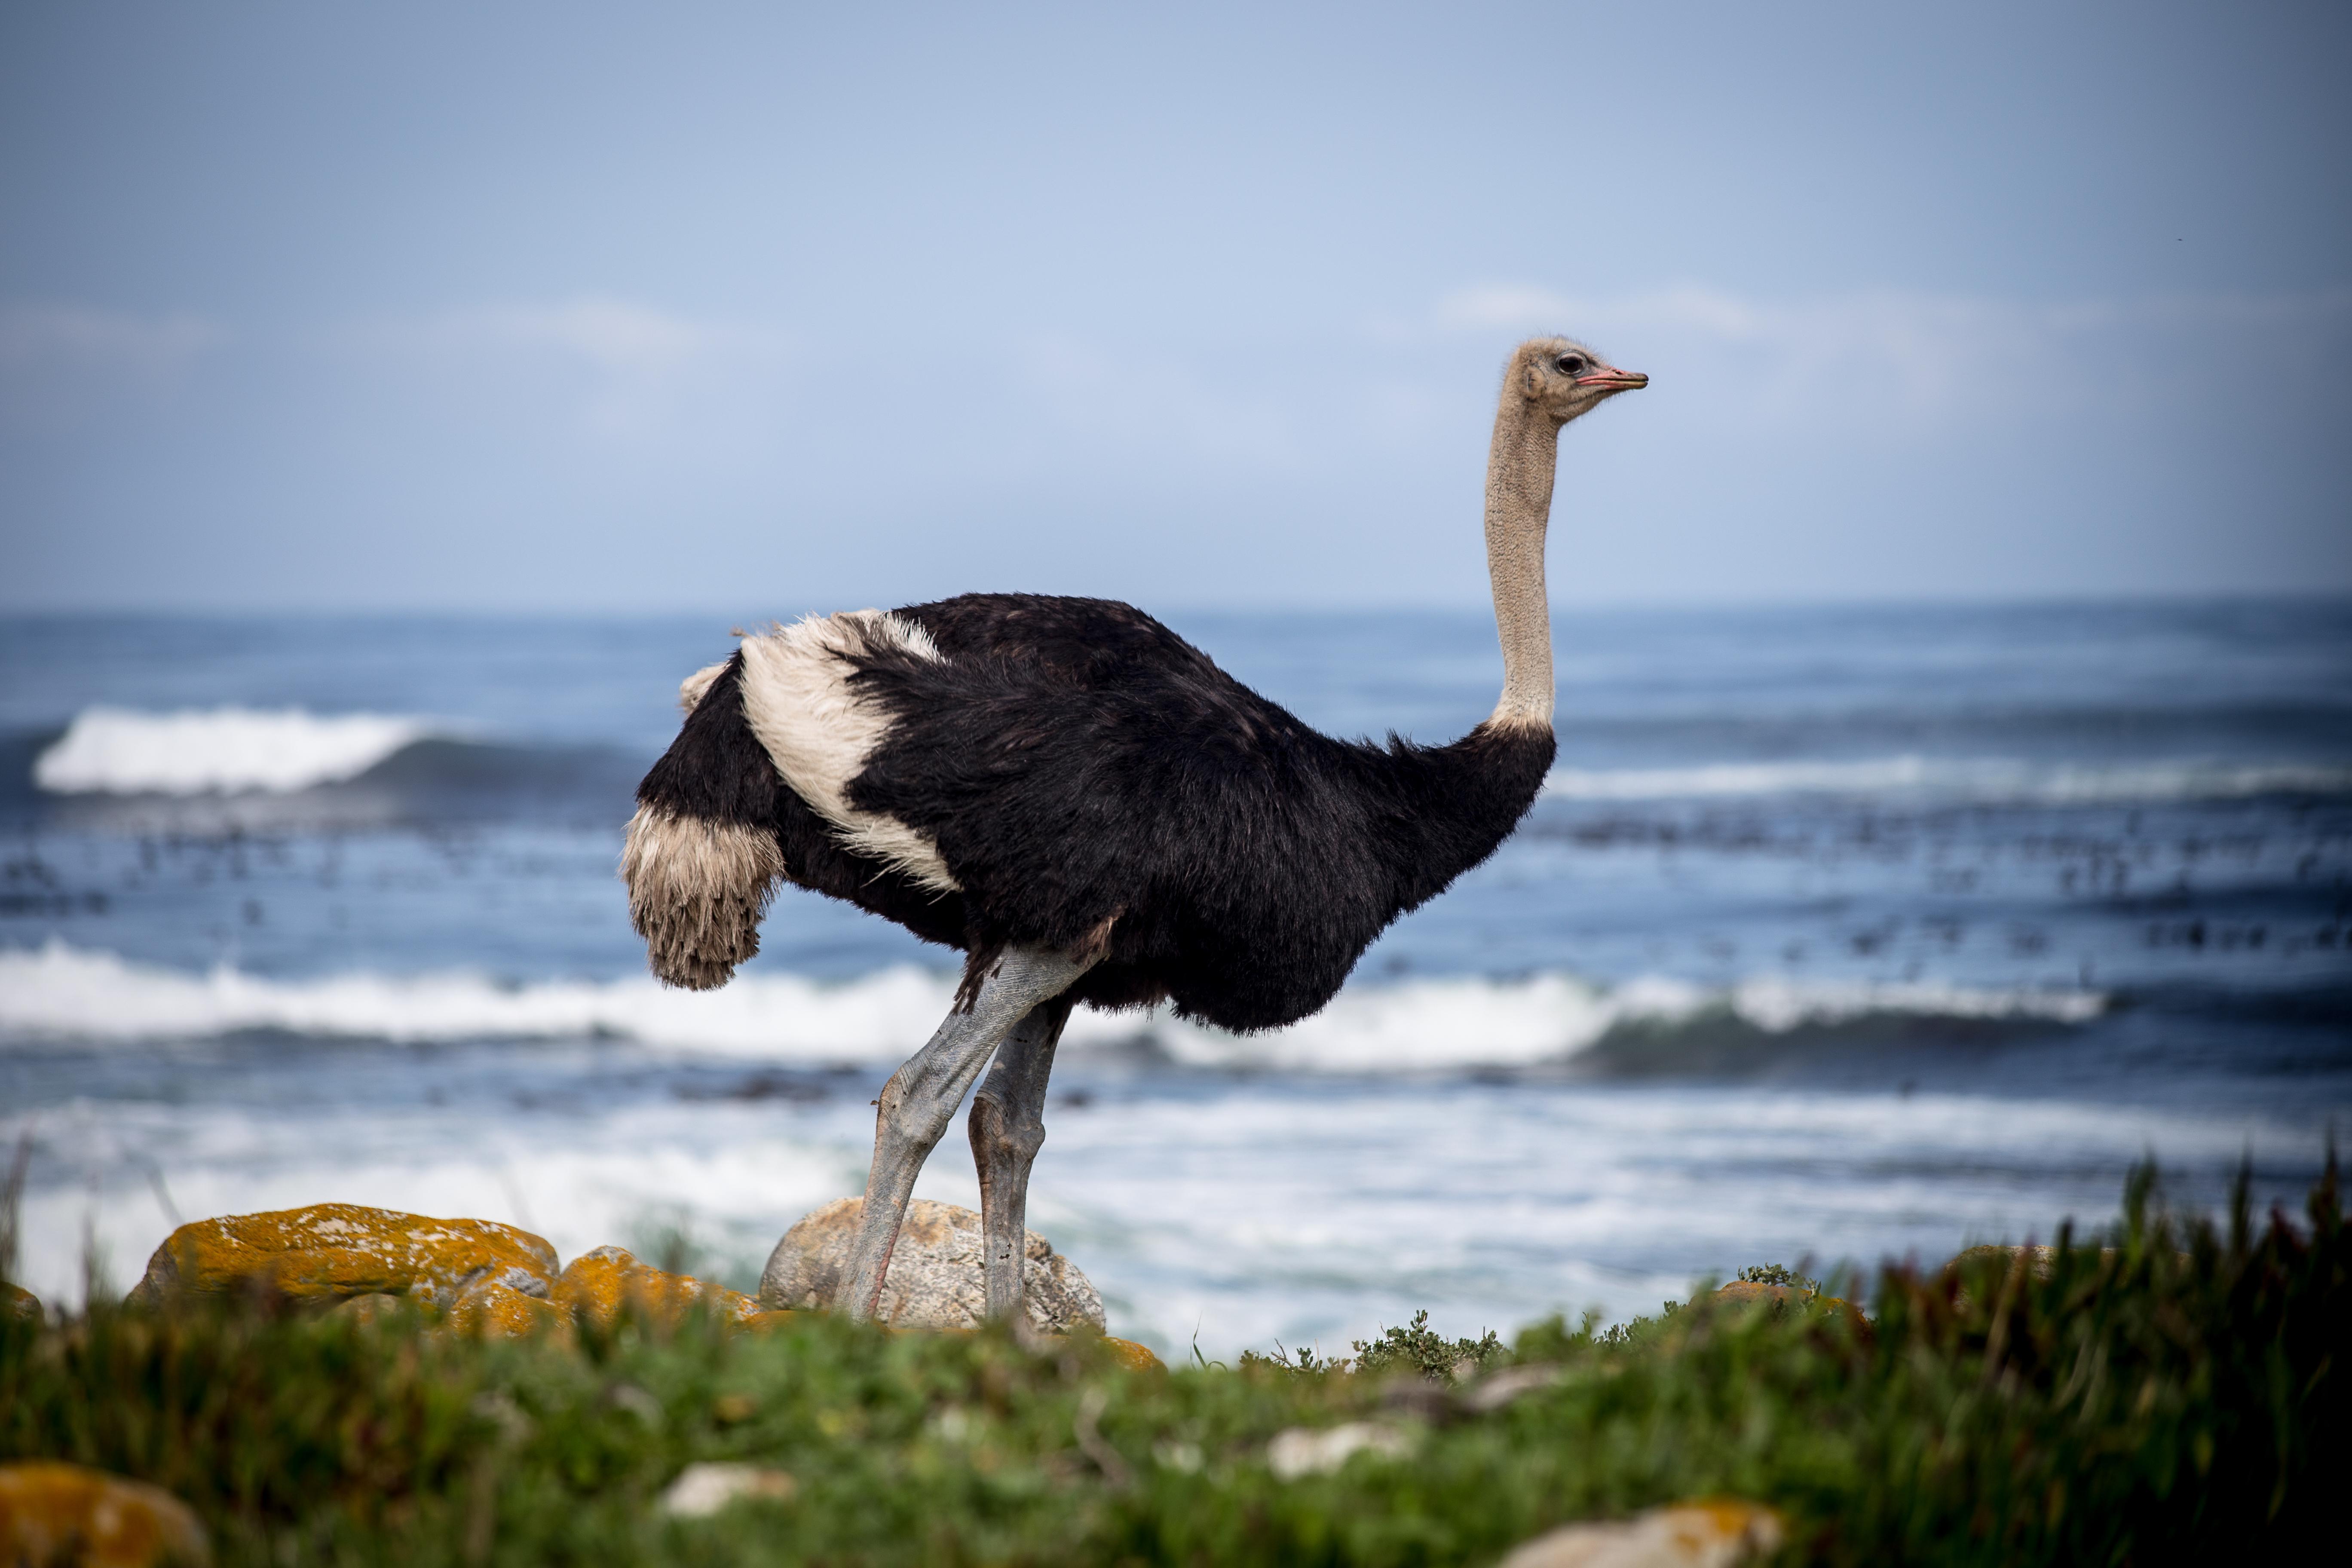 Bienvenidos a la capital de las avestruces - Sudáfrica Safari Kruger, Ciudad del Cabo y ruta Jardín